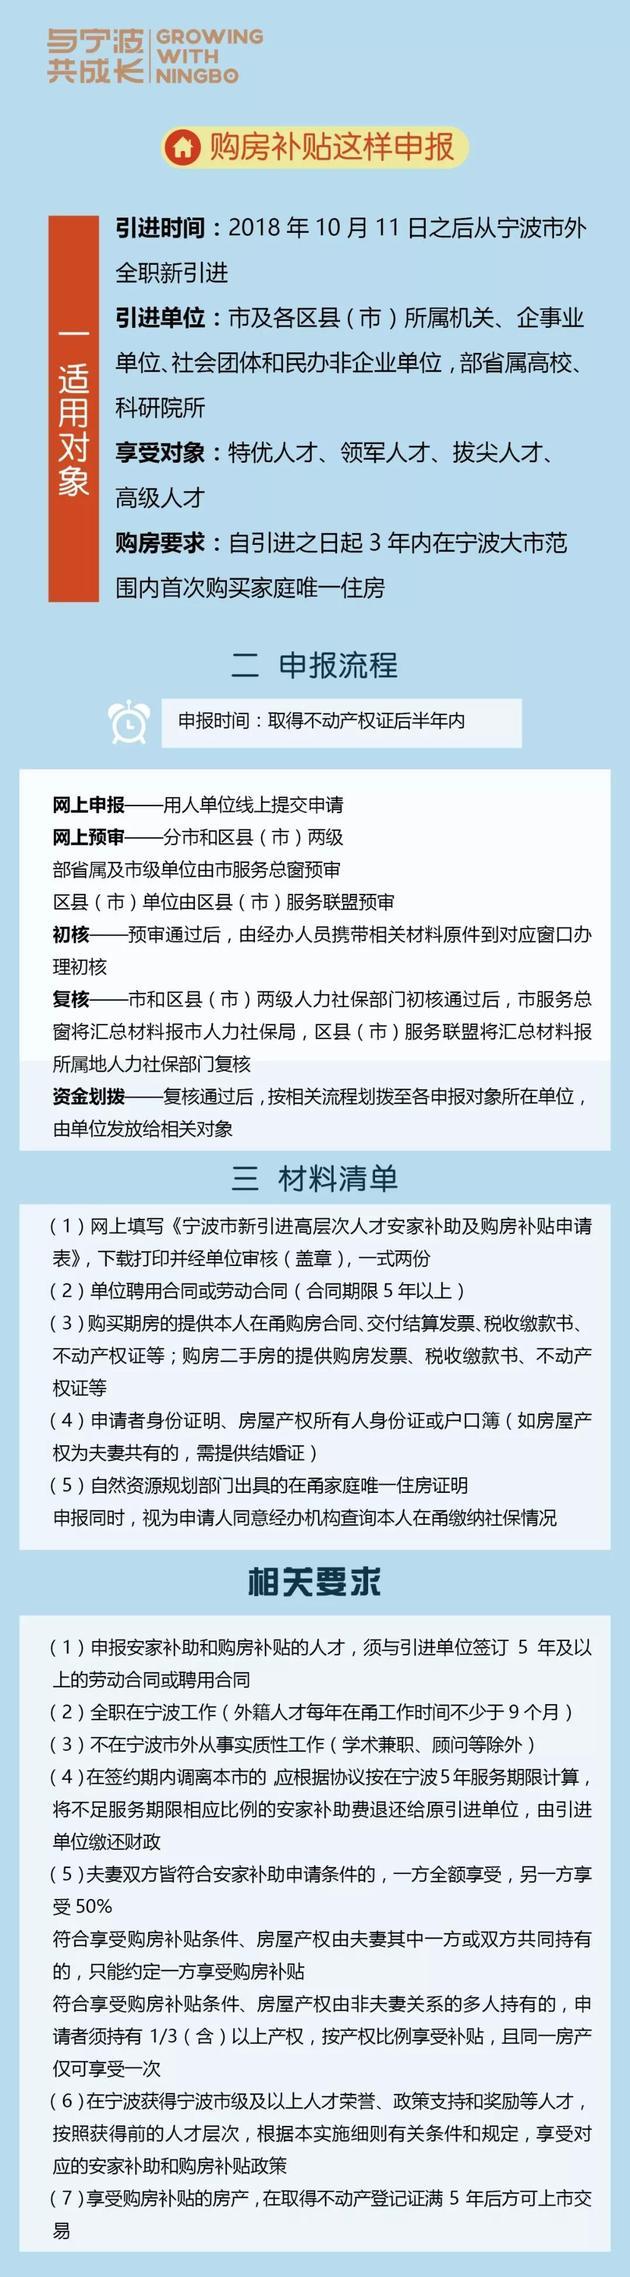 2019宁波人才购房补贴政策:这类人才最高补贴60万元!